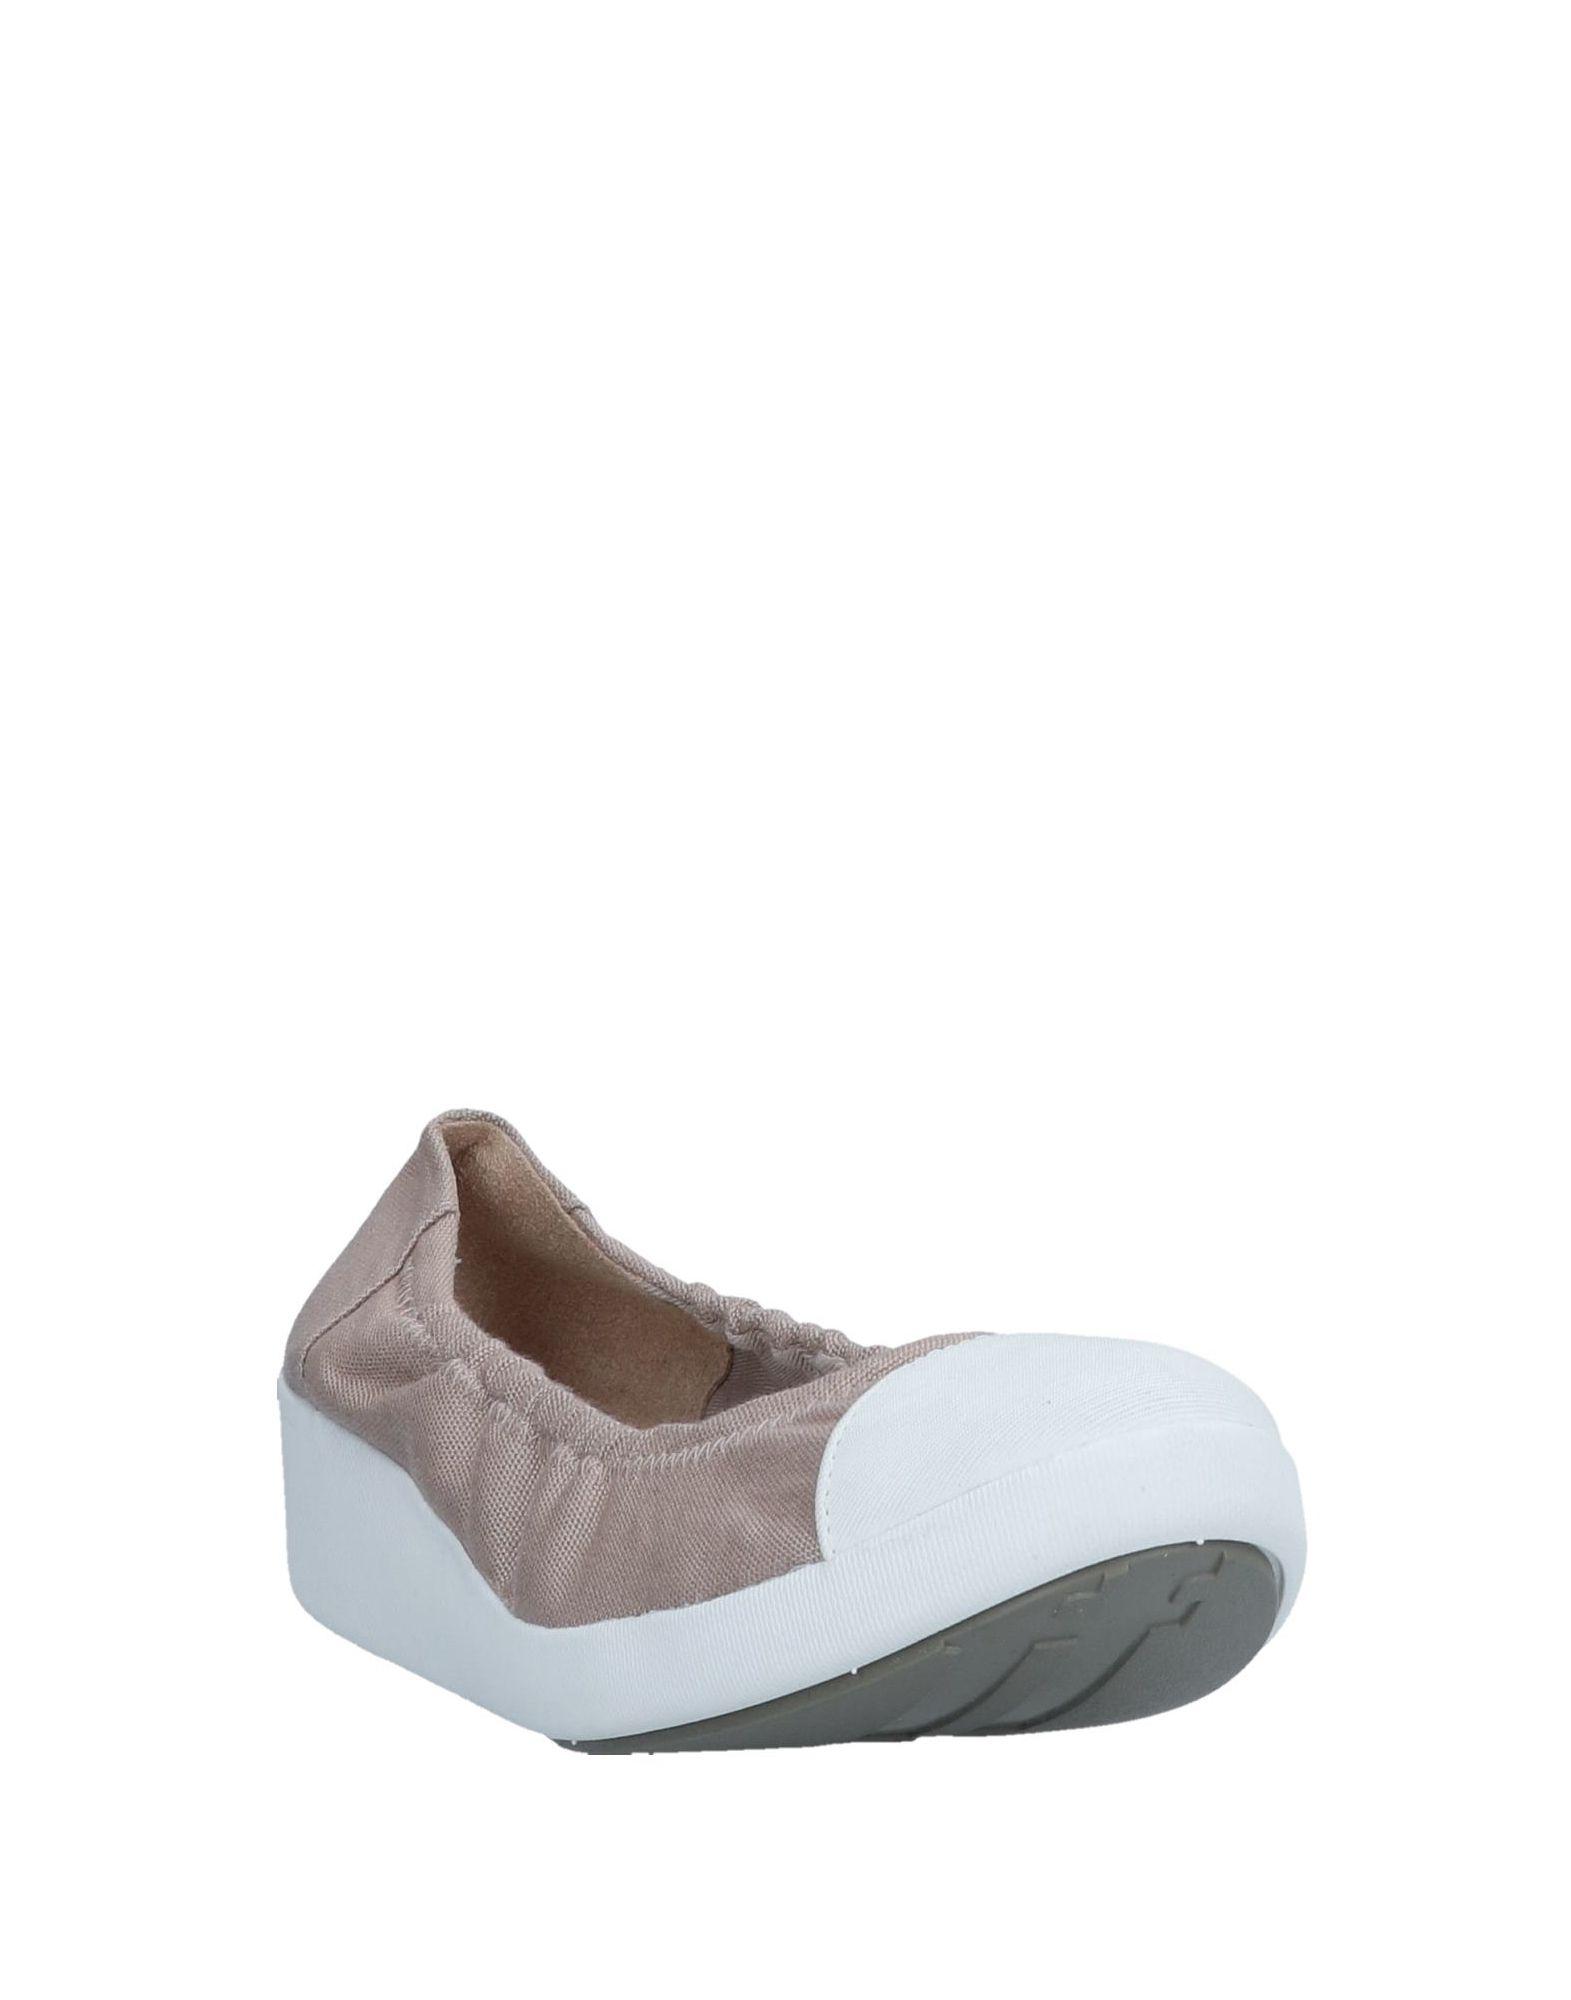 Fitflop Gute Pumps Damen  11545791MM Gute Fitflop Qualität beliebte Schuhe 7655bf